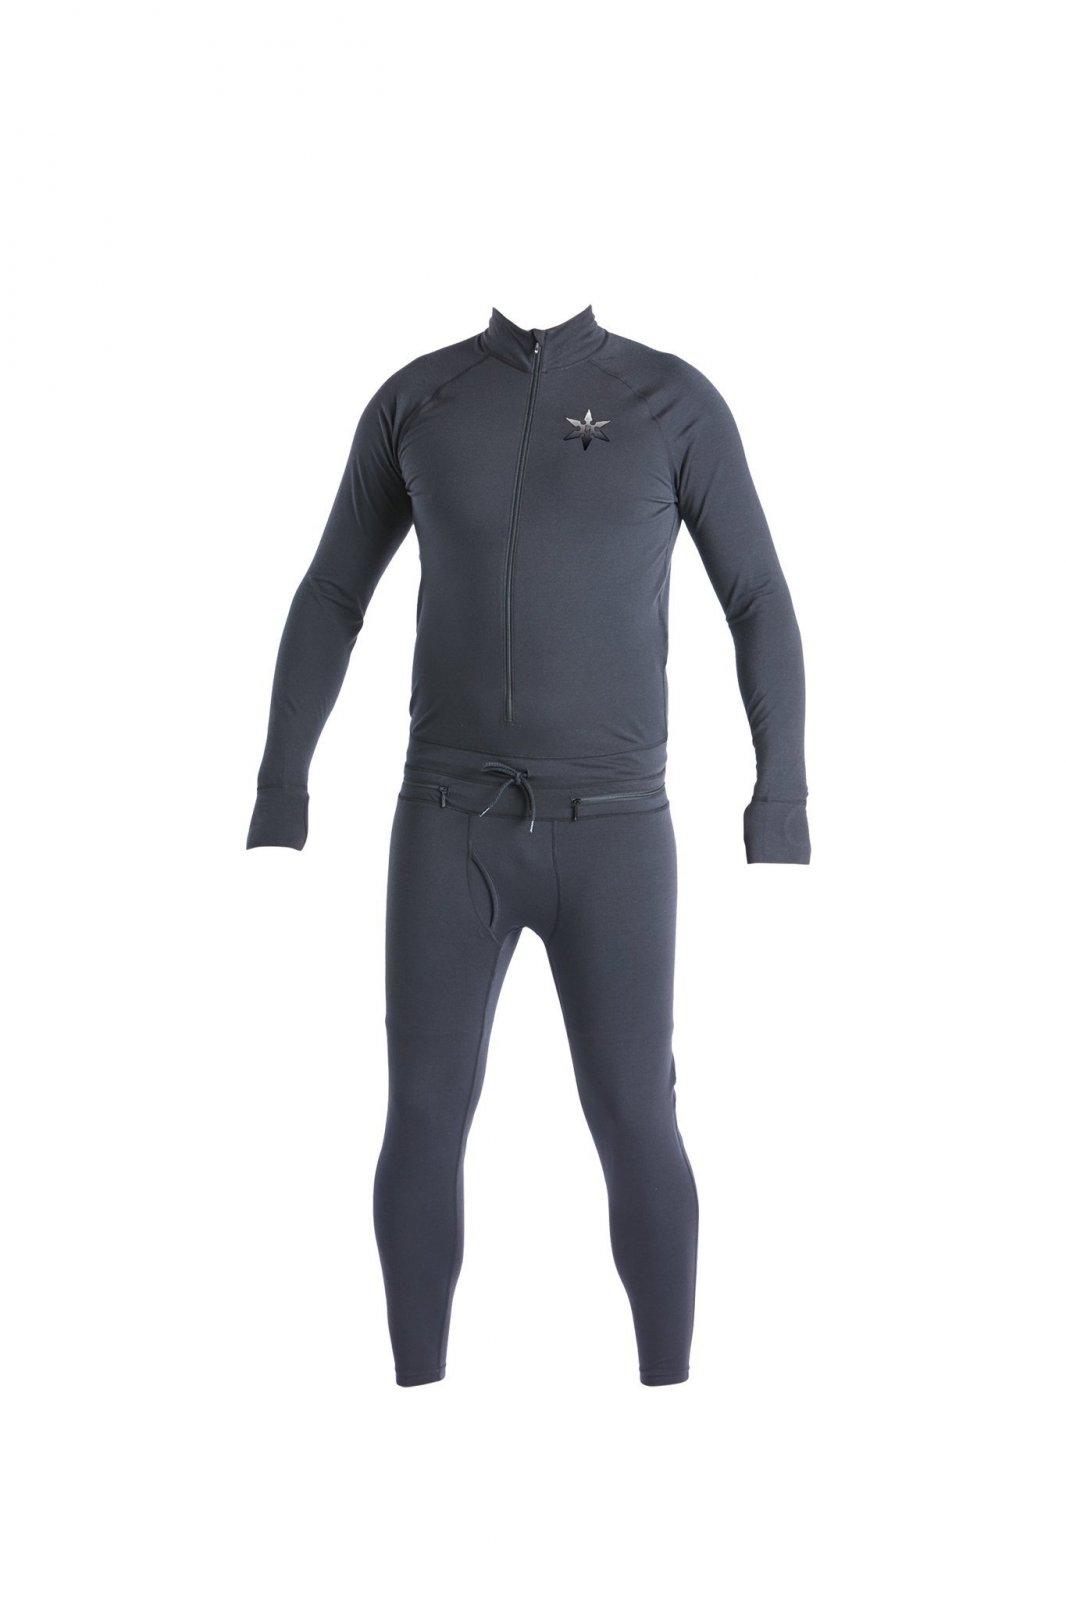 Airblaster Hoodless Ninja Suit (Multiple Color Options)